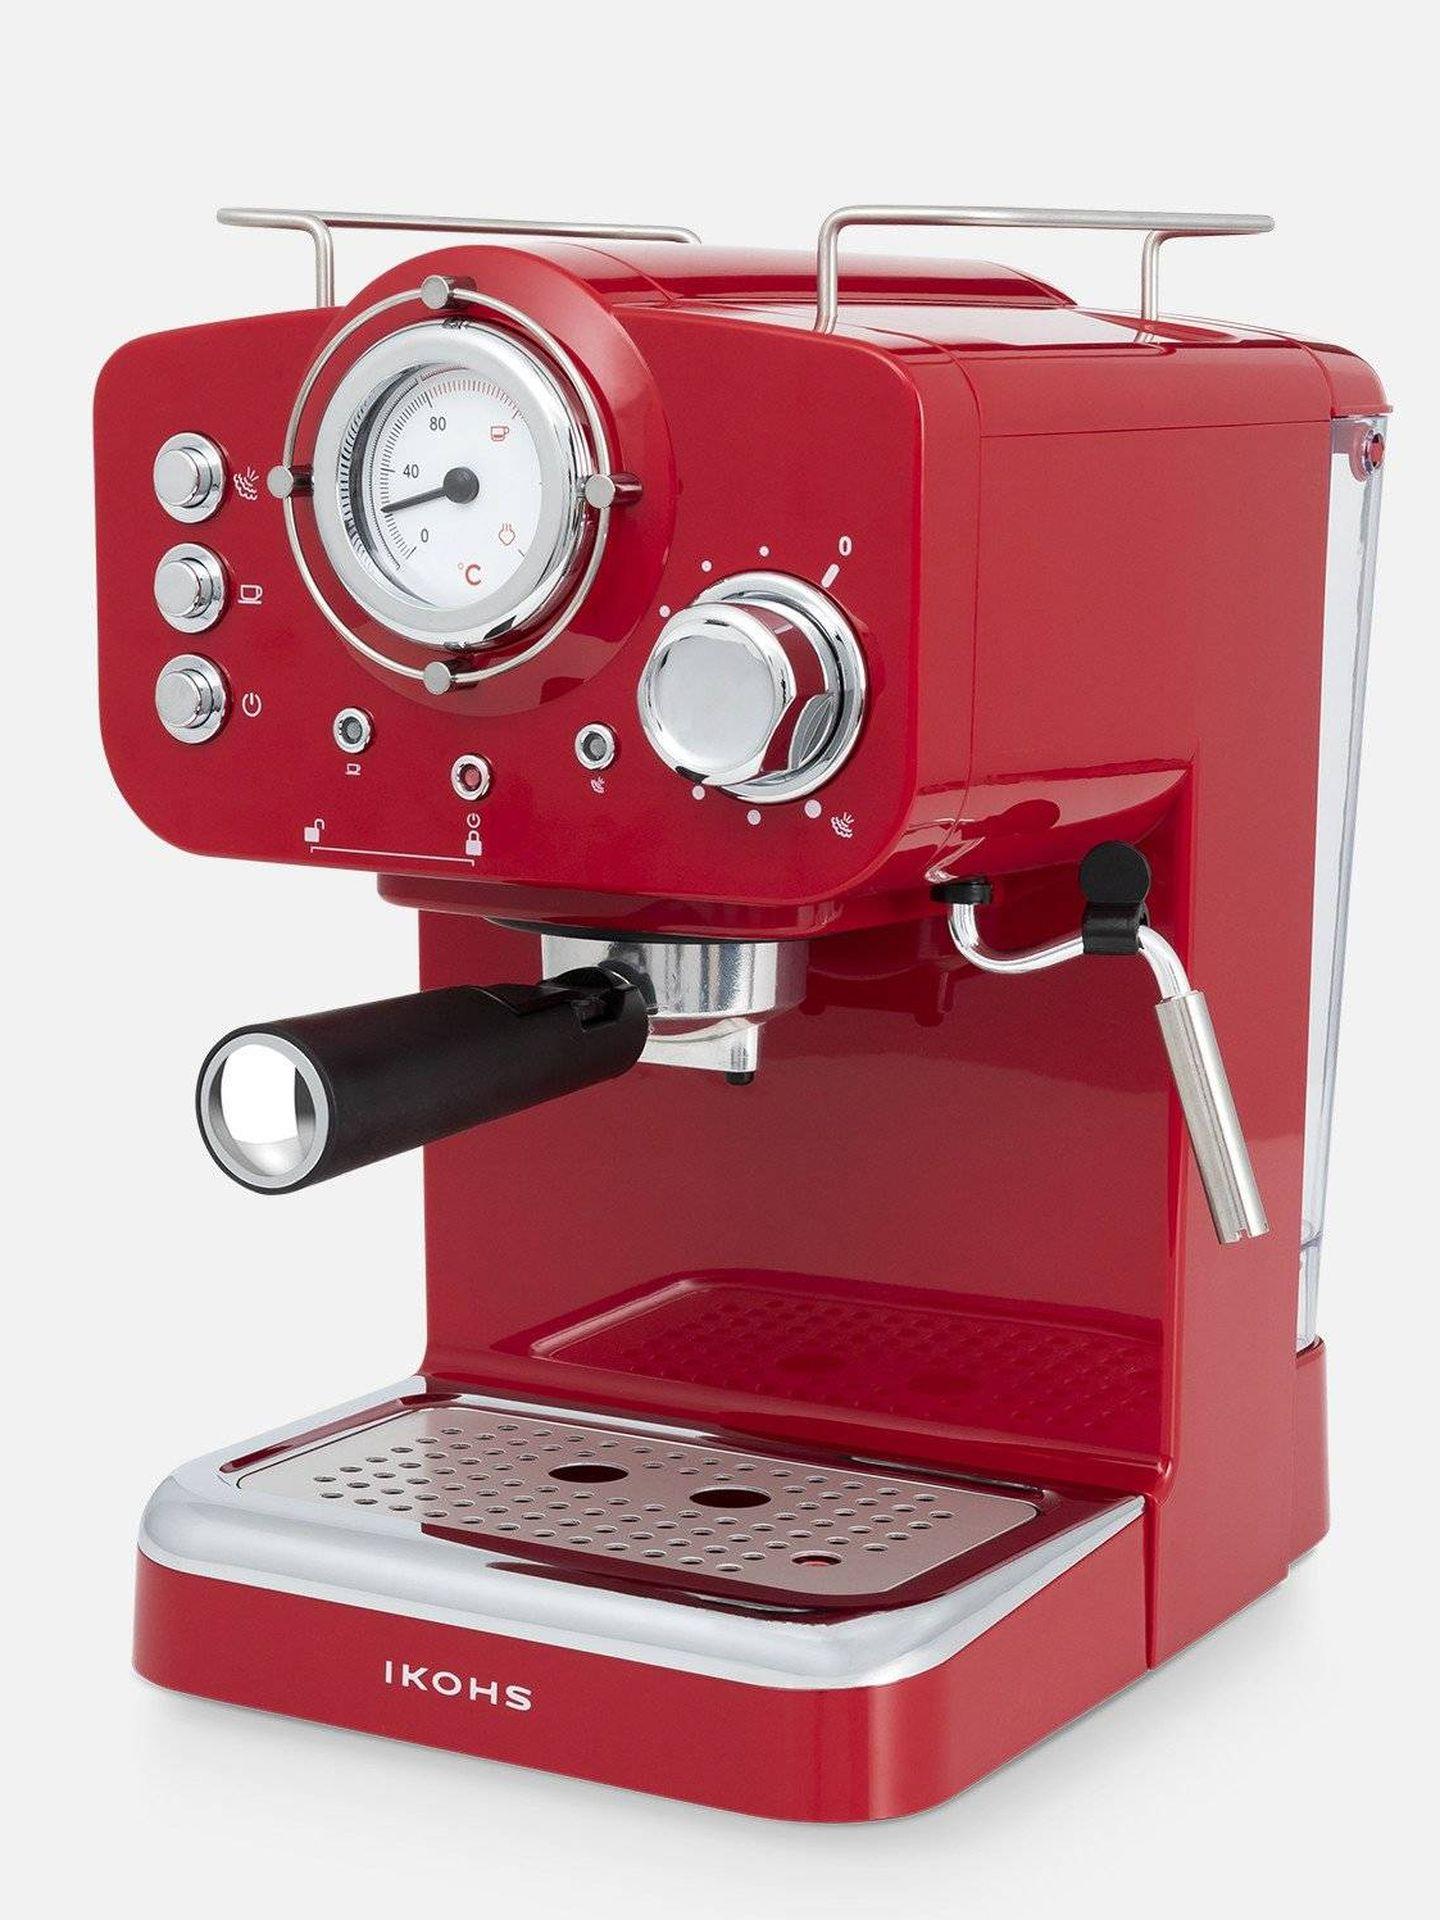 Cafetera express de Ikohs. (Cortesía)